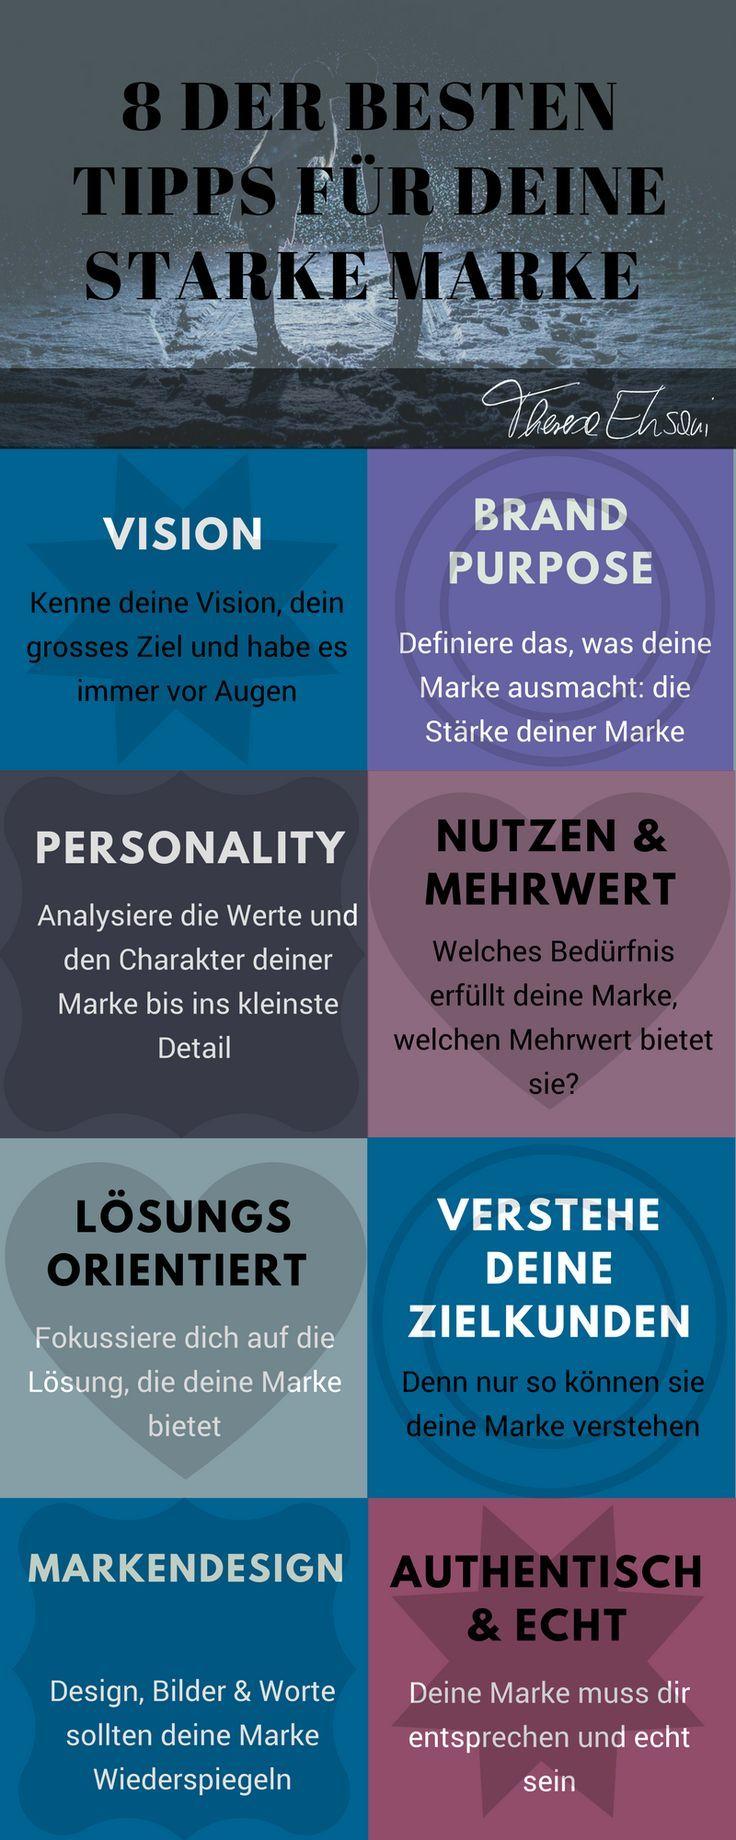 Markenentwicklung und Branding: die wichtigsten Tipps für deine Starke Marke, die dir mehr Sichtbarkeit und Erfolg bringen.